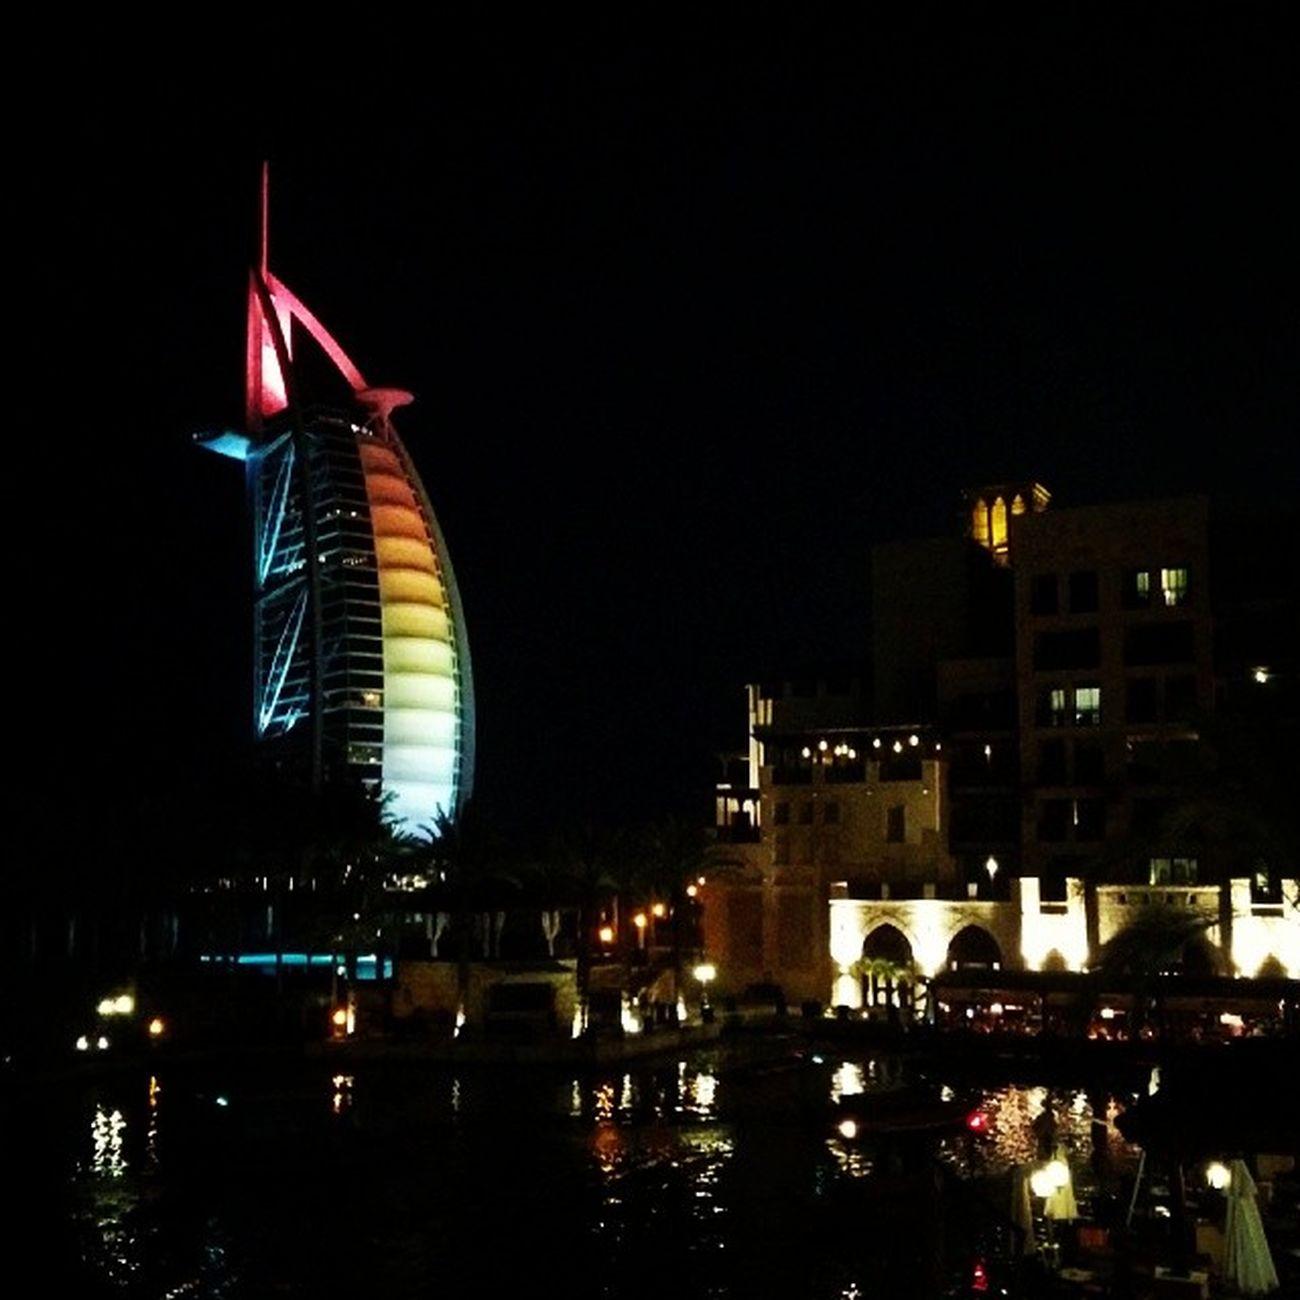 Gaydubai Dubai Burjalarab Burjdubai